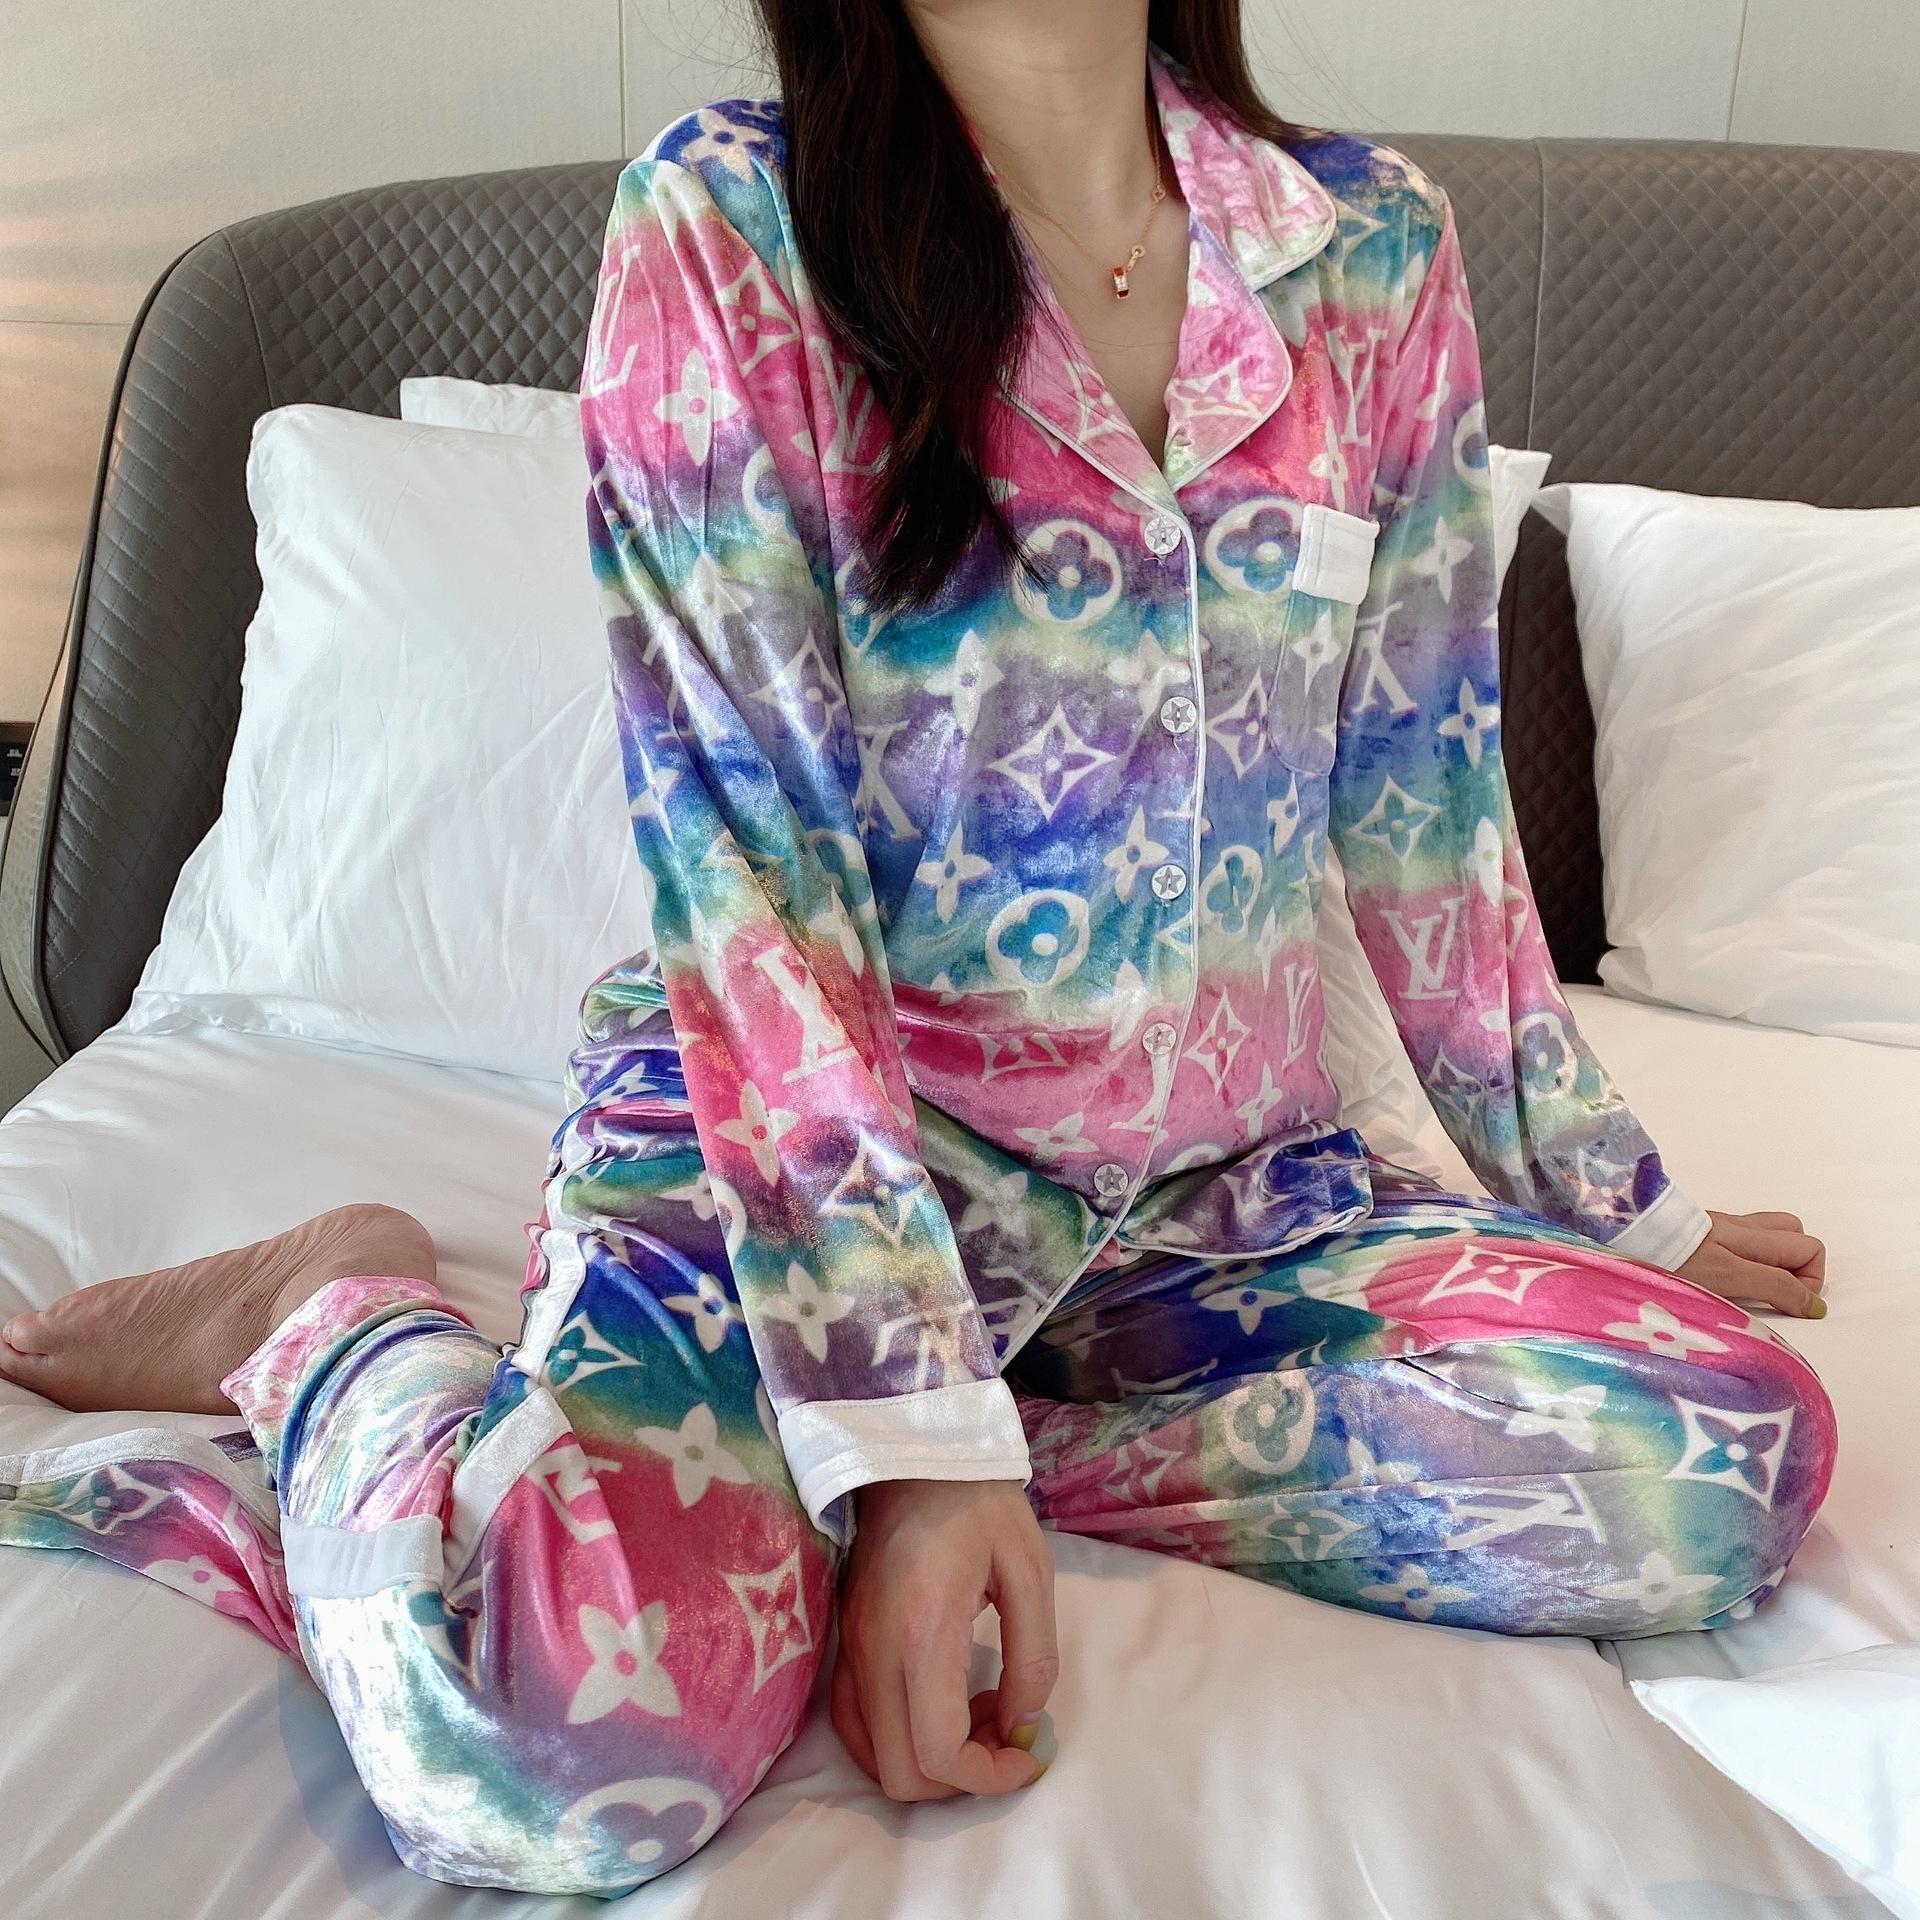 zIiX Paar Pyjama Pyjama-Hülsen-Satin Pijamas Lange Silk Flower Printed Nachtwäsche sein-und-ihr Heim Anzug Set für Liebhaber Mann Frau Lovers Cloth